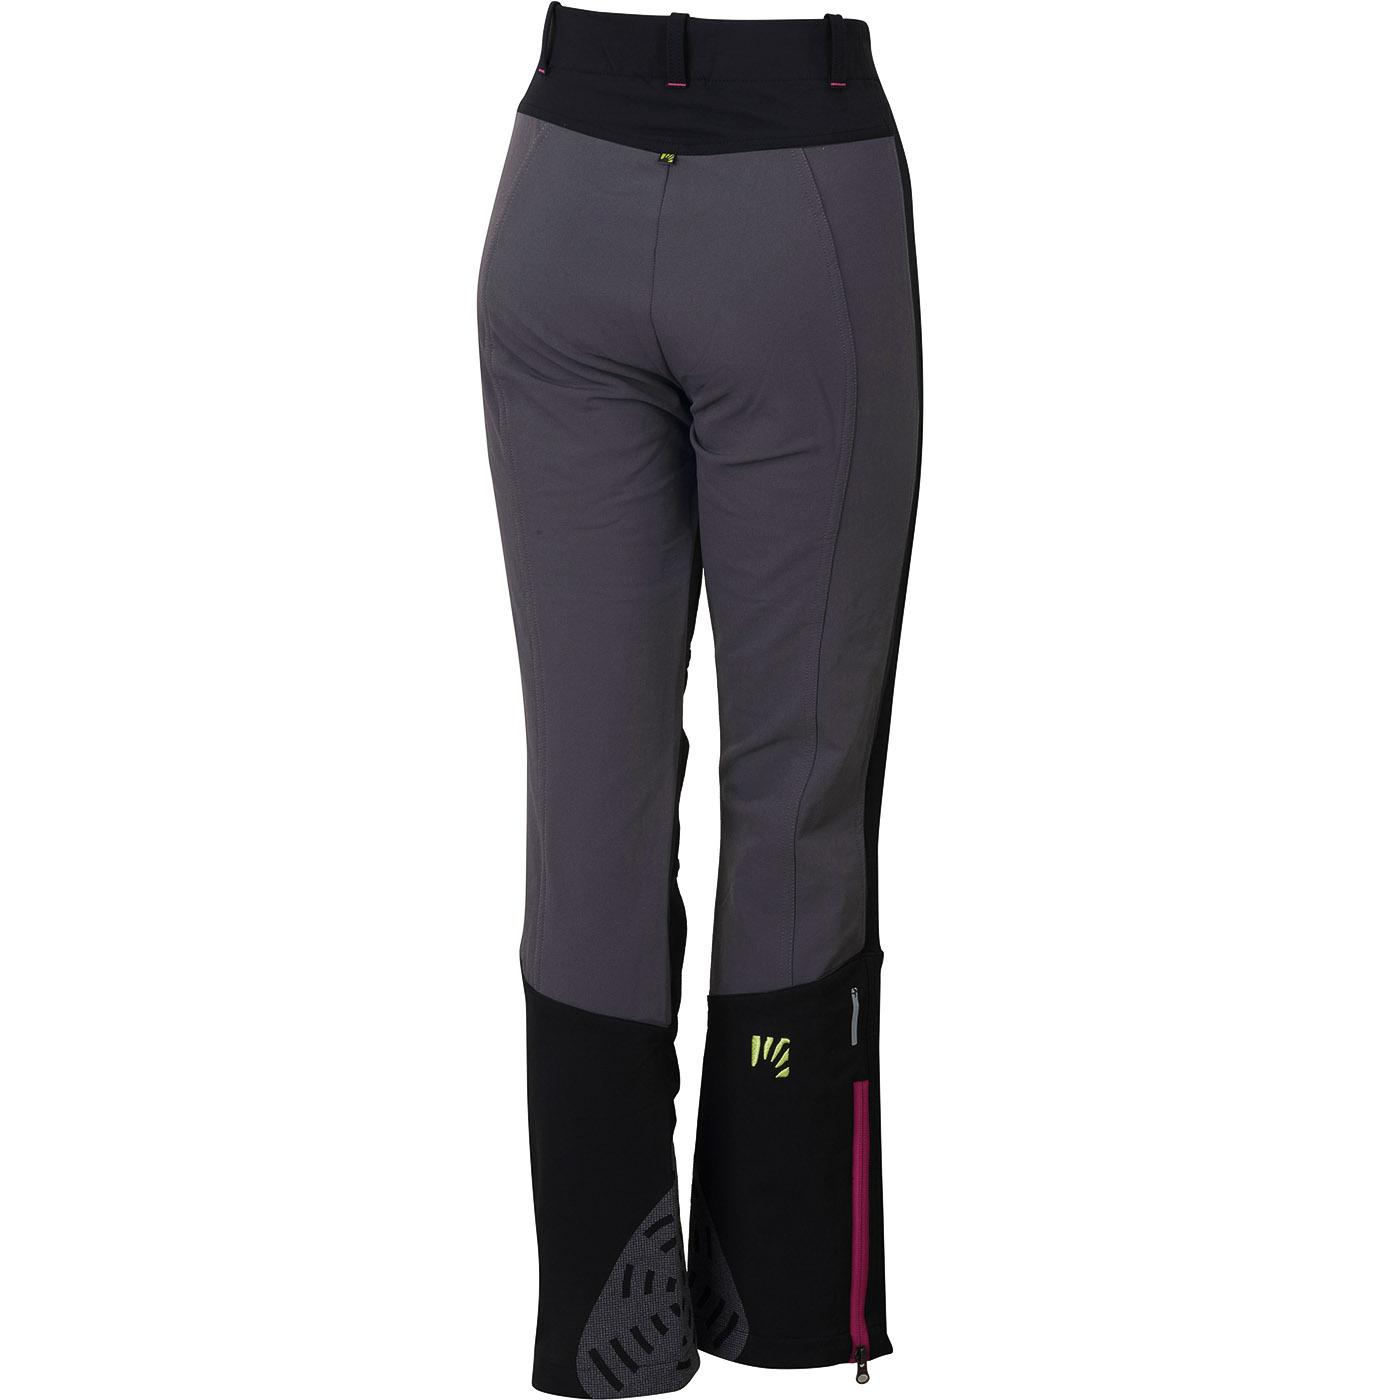 c1995420c4a0 Karpos EXPRESS 300 dámske nohavice sivé čierne. Pre absolútny zážitok  prosím použite prehliadač s javascriptom